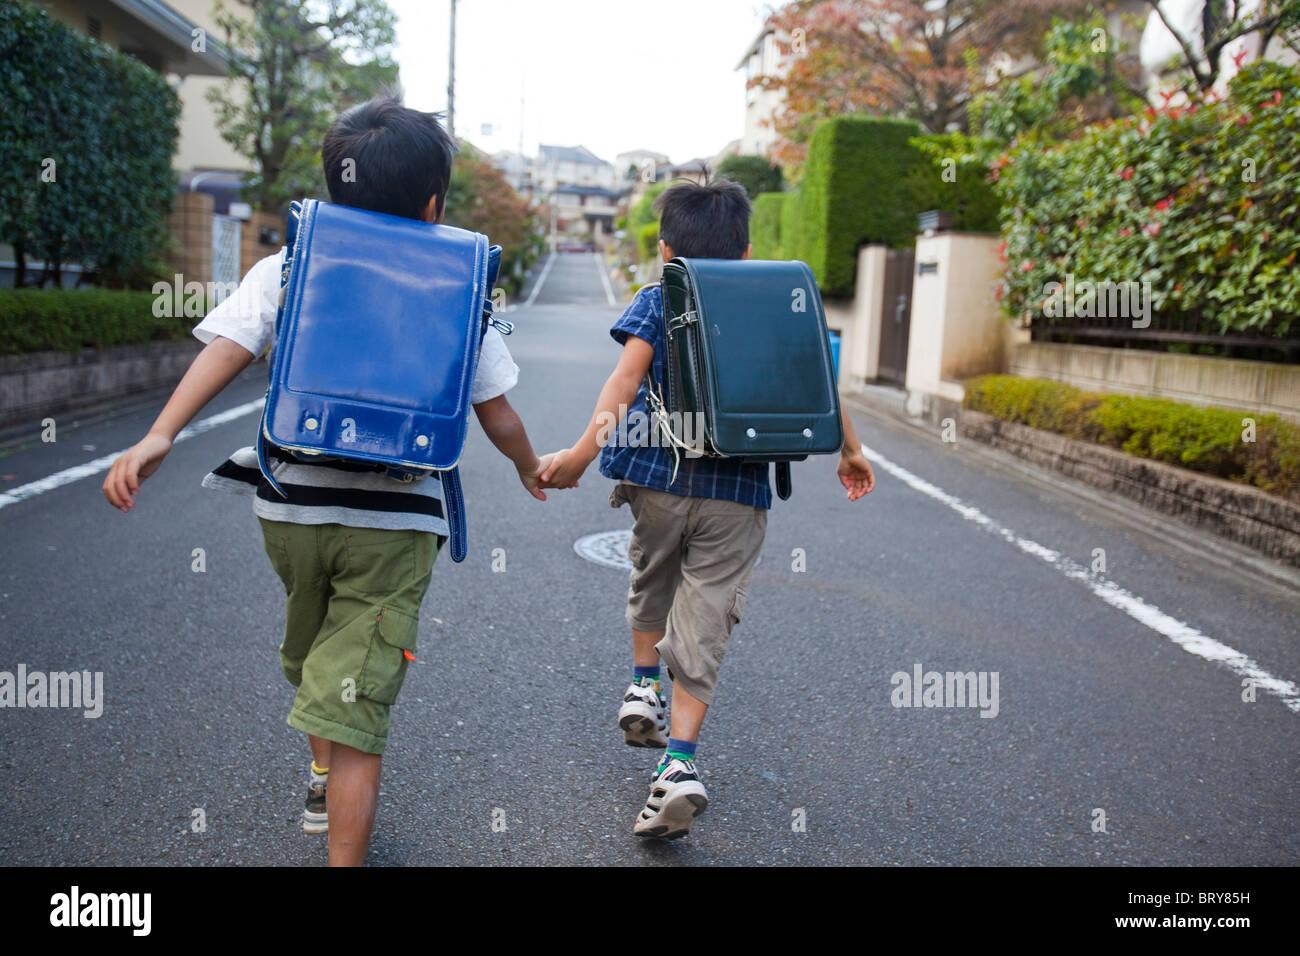 Los niños tomados de la mano y corriendo, Tokyo Prefecture, Honshu, Japón Foto de stock